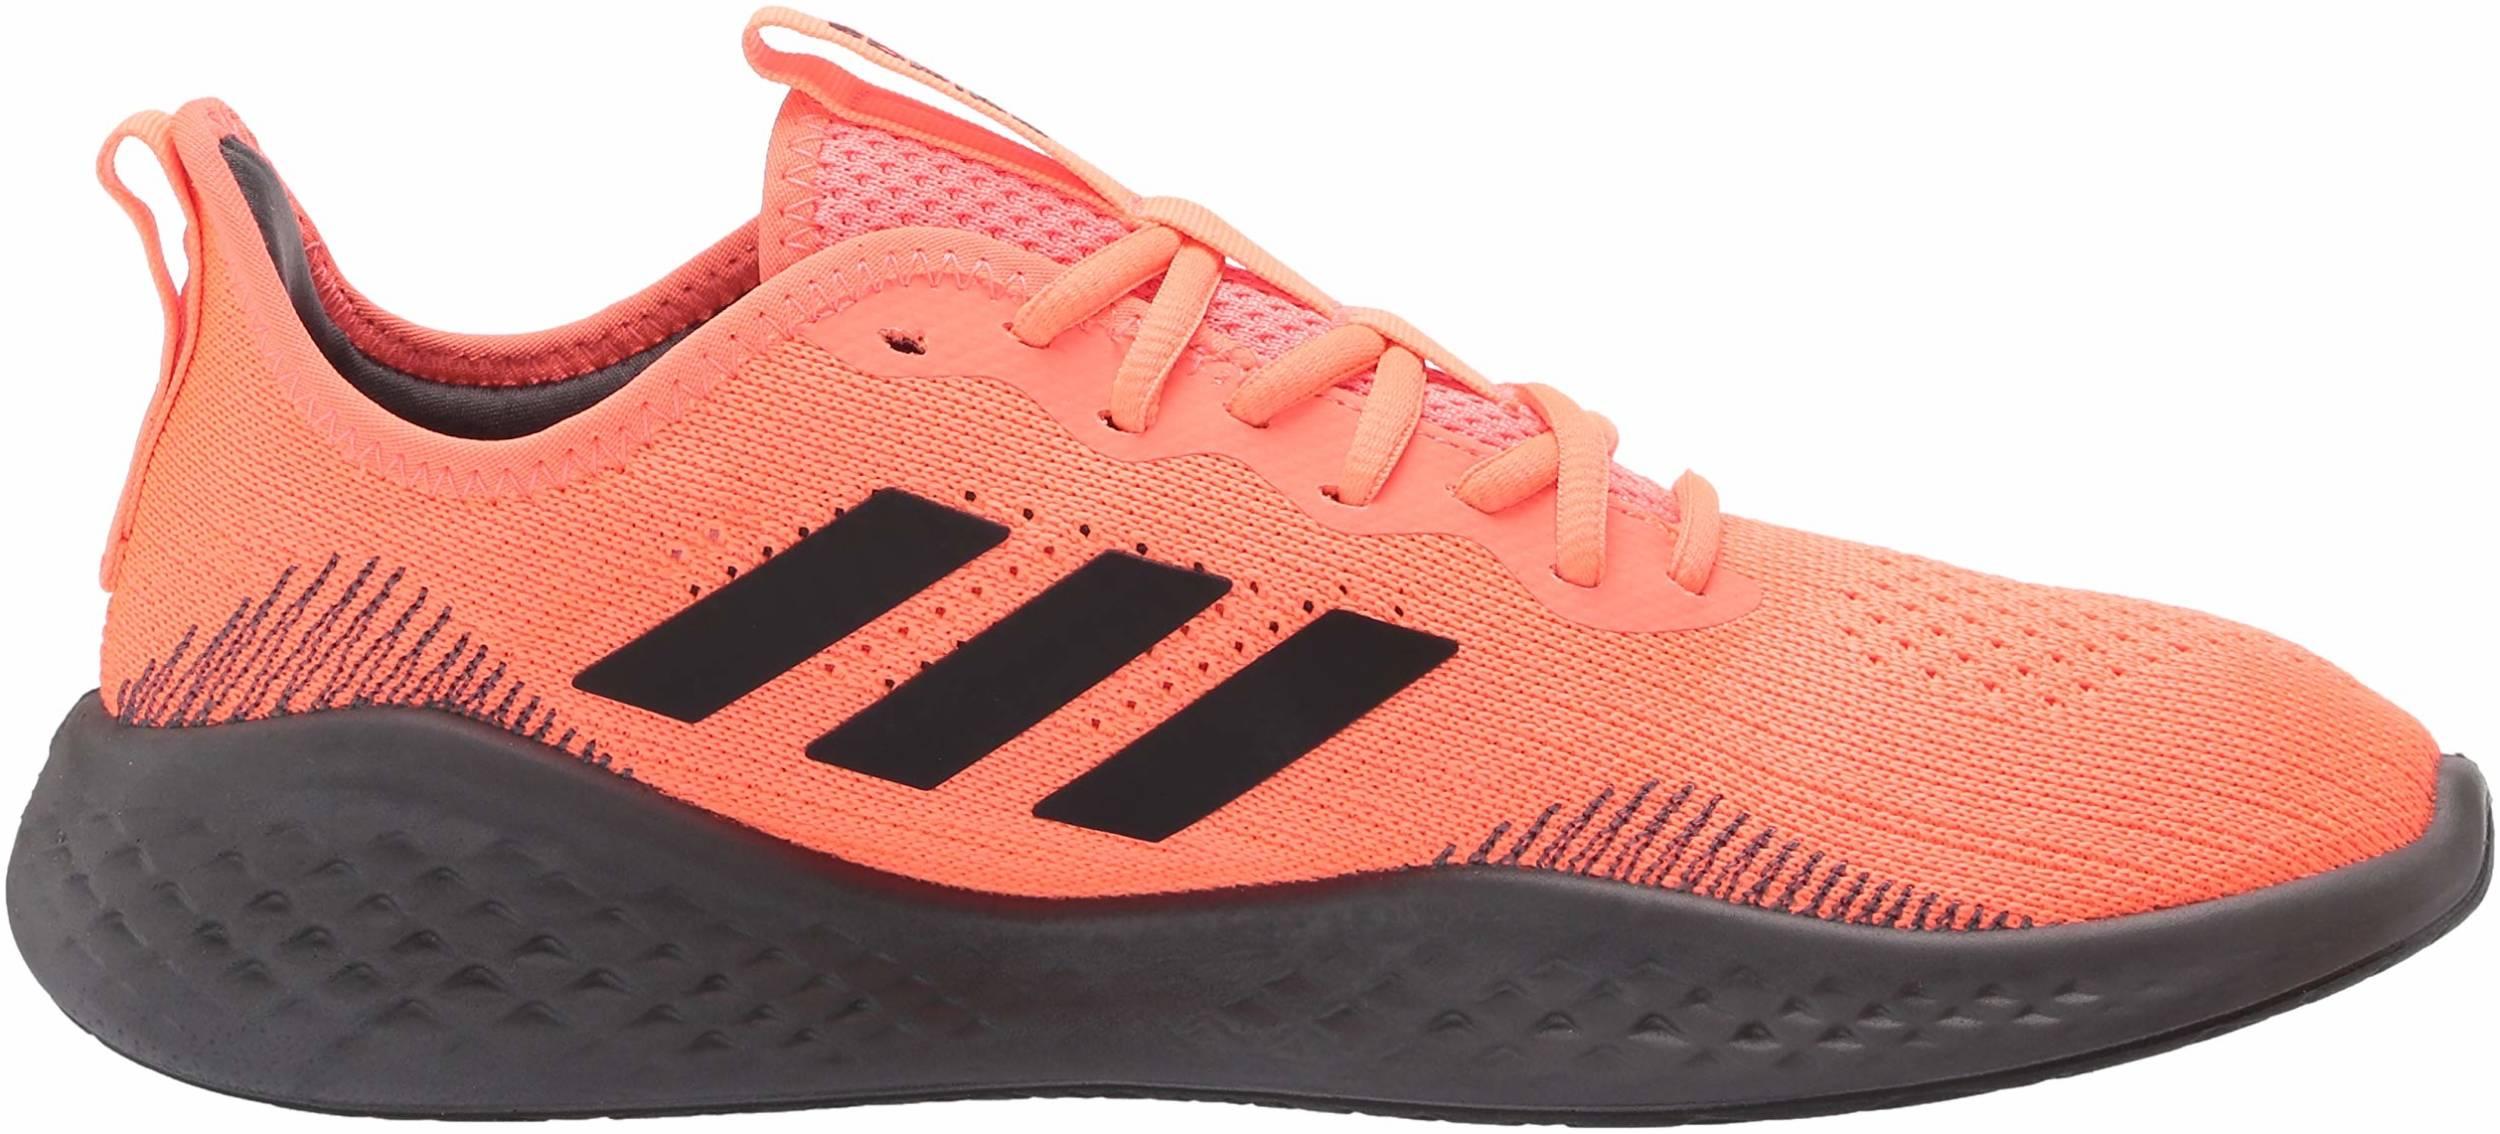 Adidas Fluidflow - Deals (£40), Facts, Reviews (2021)   RunRepeat